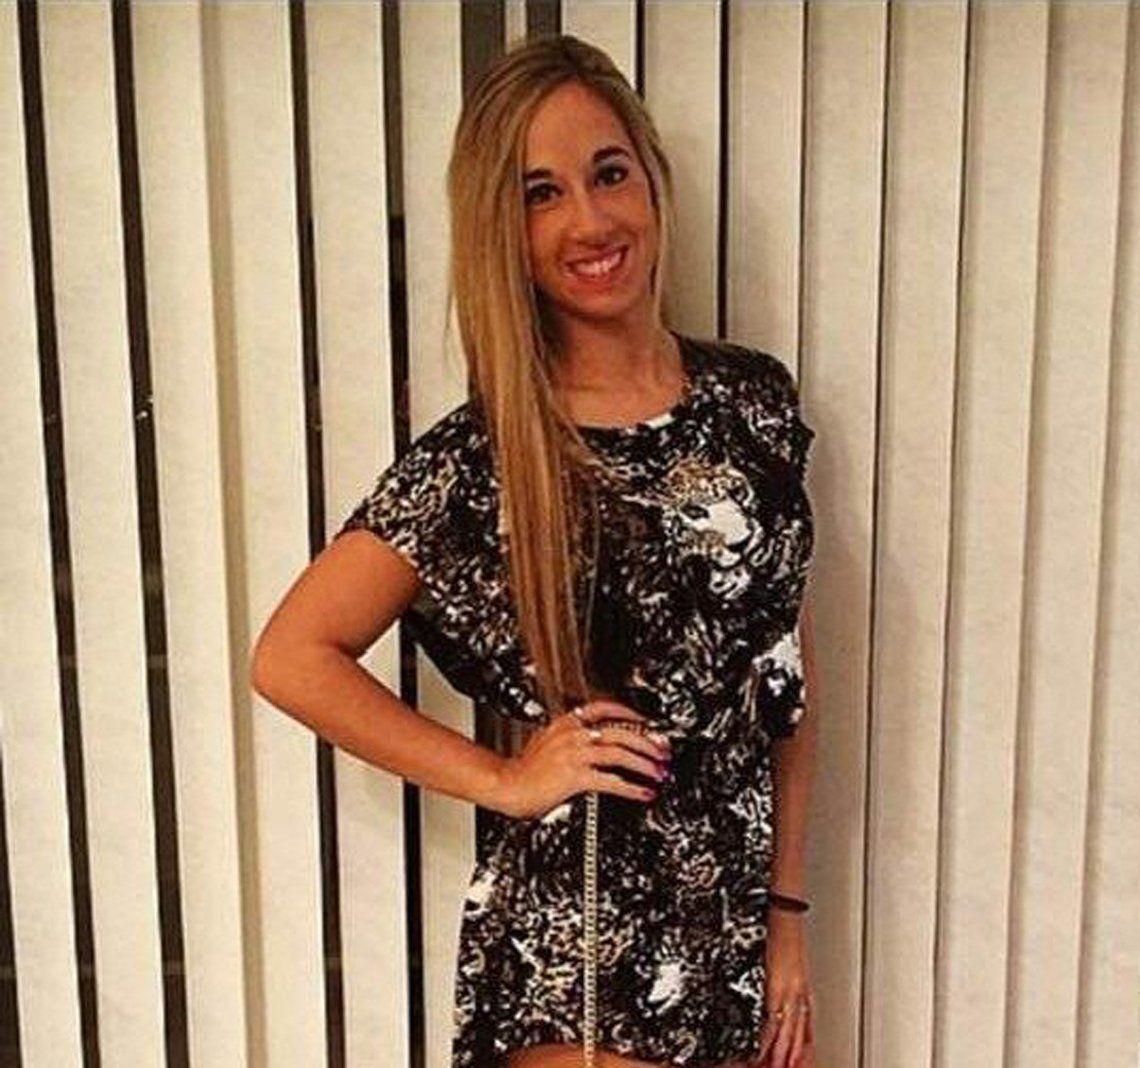 Macarena tenía 21 años en abril de 2015